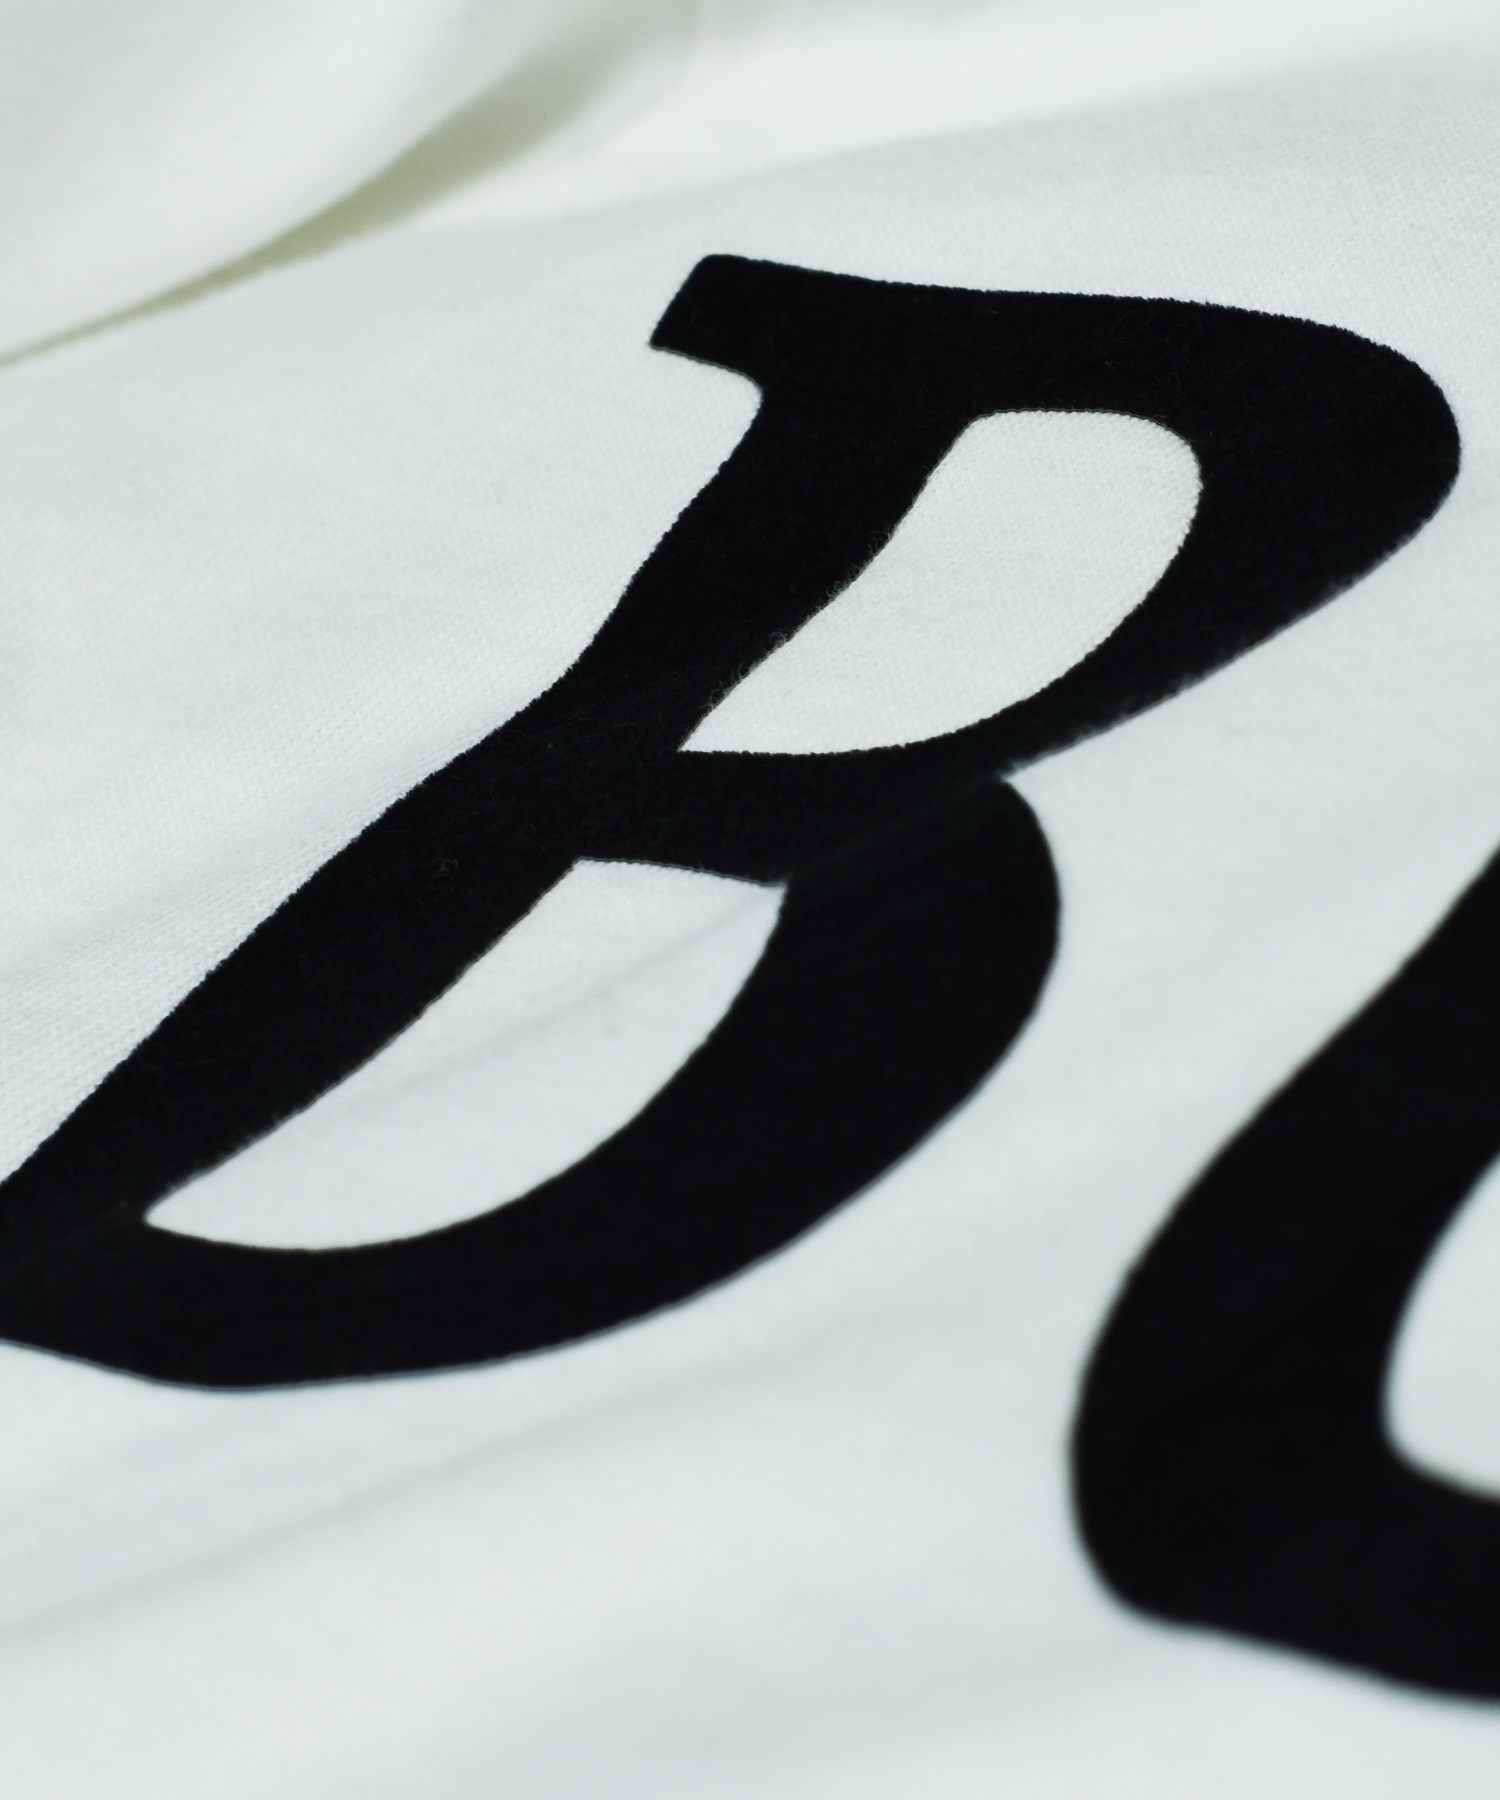 ビックシルエットフットボールT-シャツ04